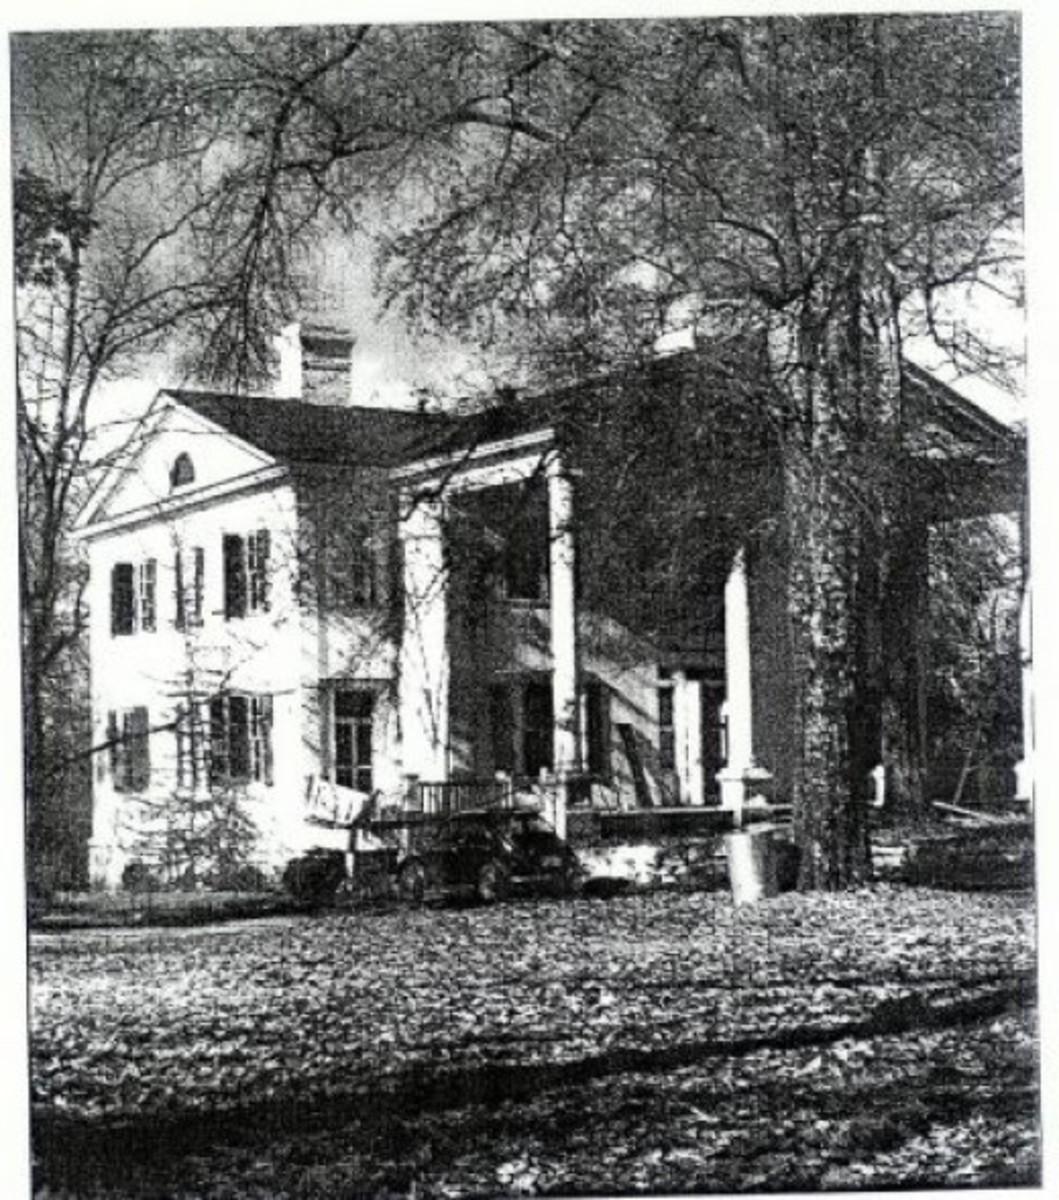 Tanglewood Sloan